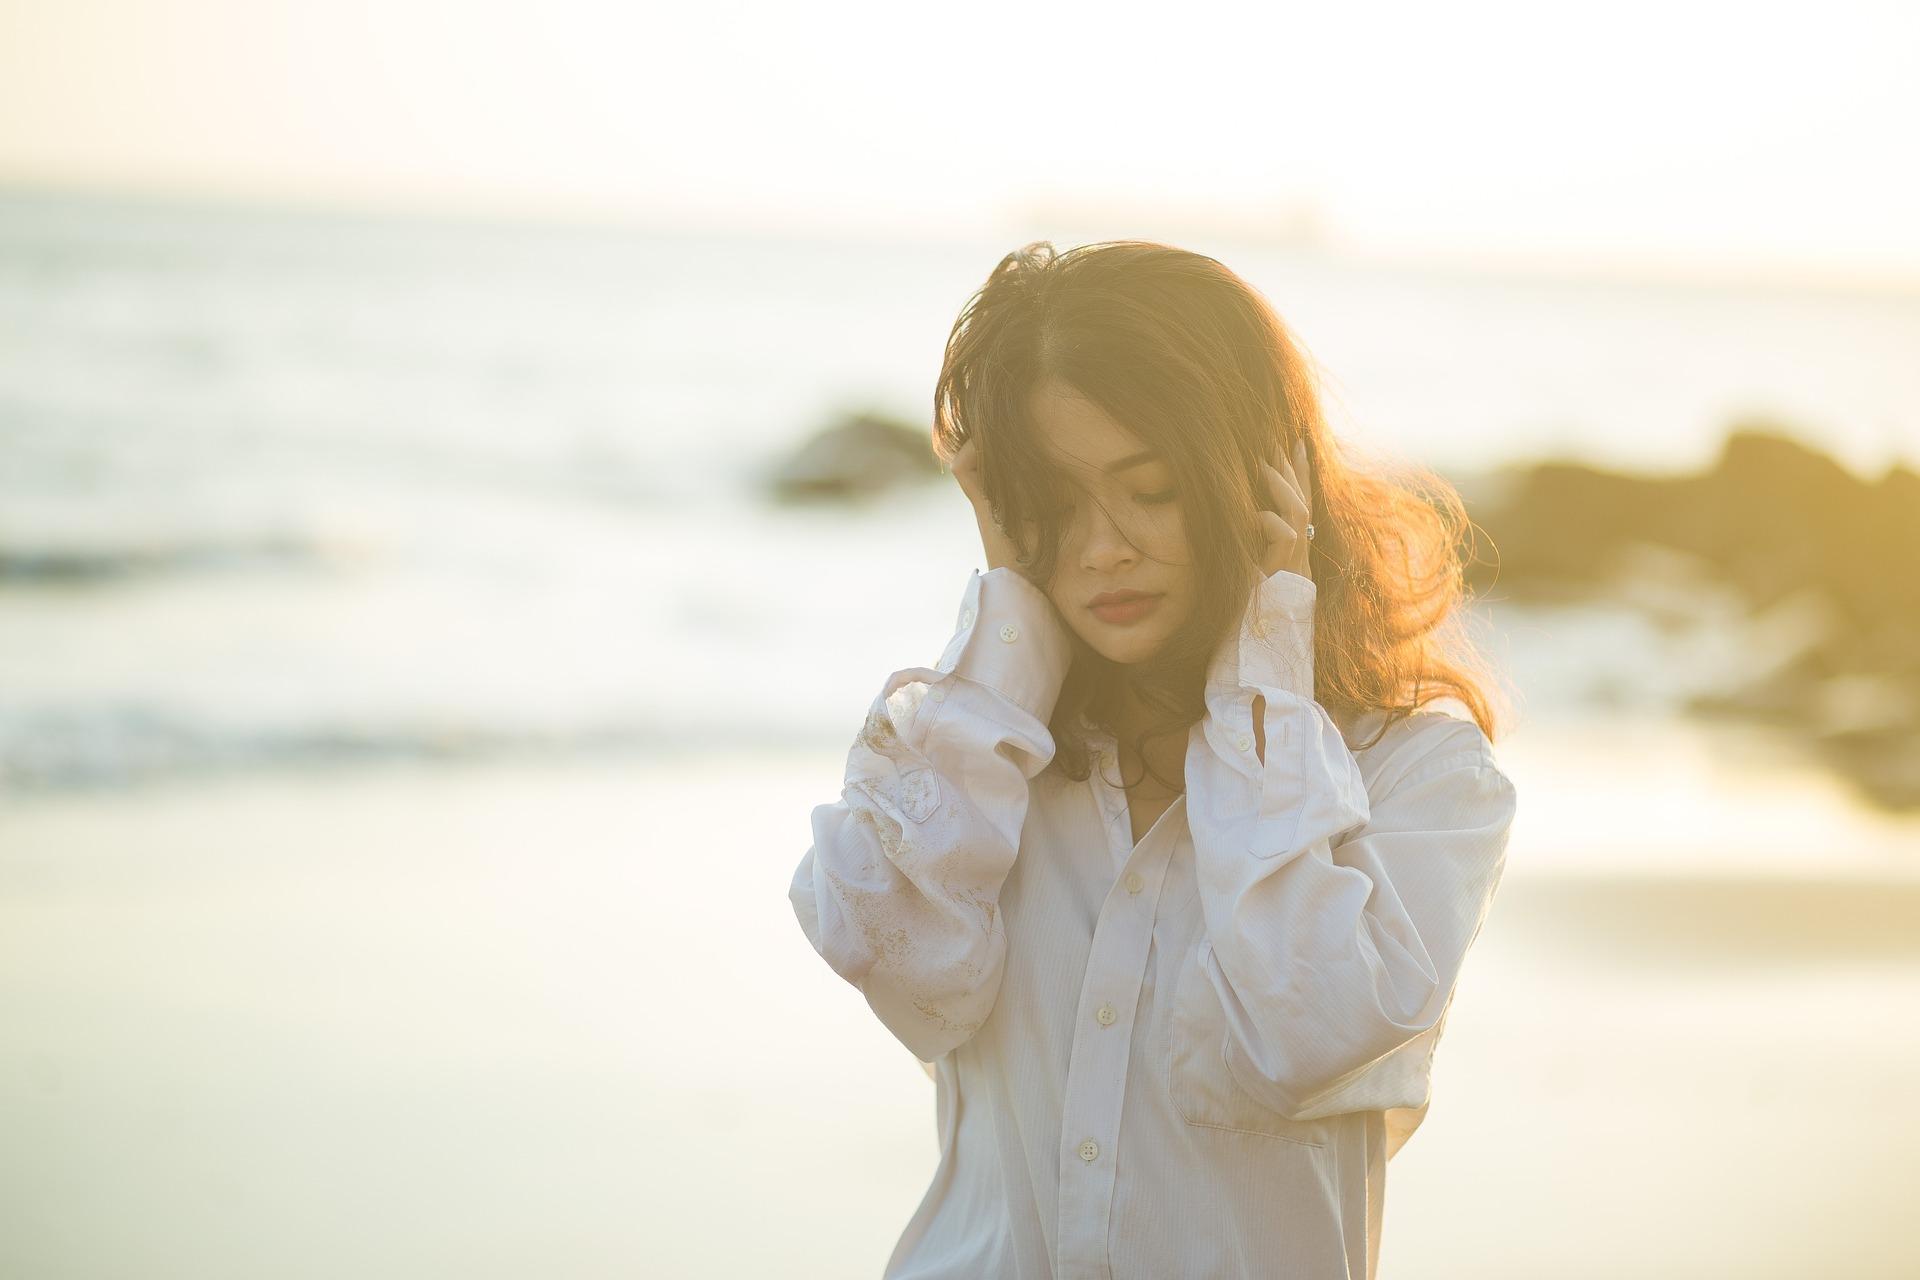 Tubuh Merasa Sakit Saat Patah Hati? Apa Sebabnya?